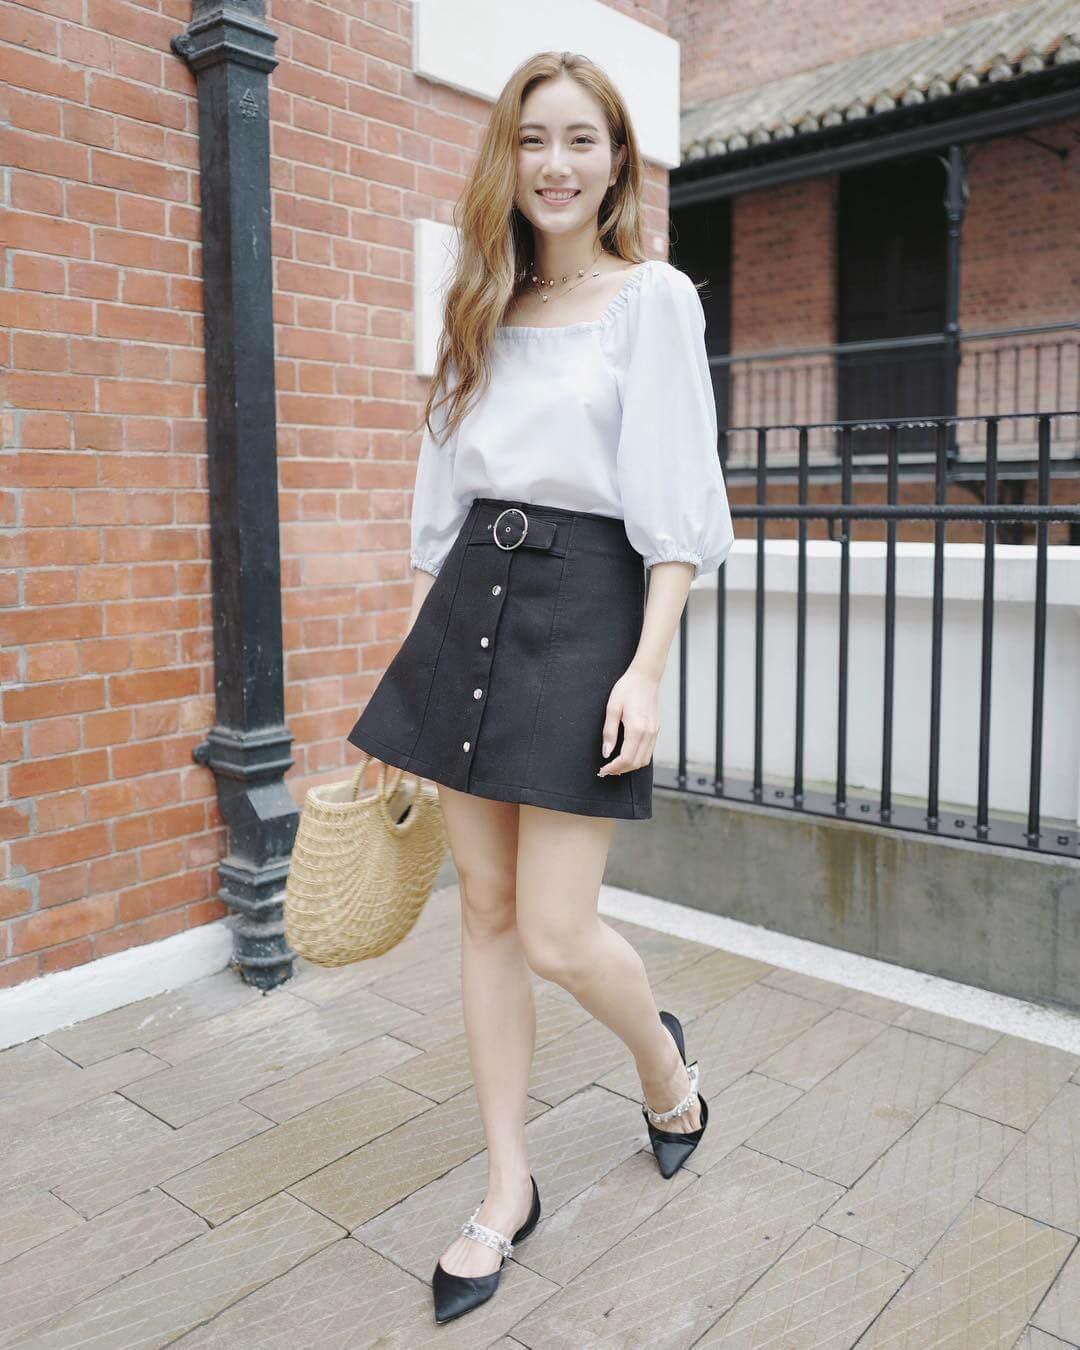 5 Lời Khuyên Chọn Váy Cực Chuẩn Cho Người Có Bắp Chân To